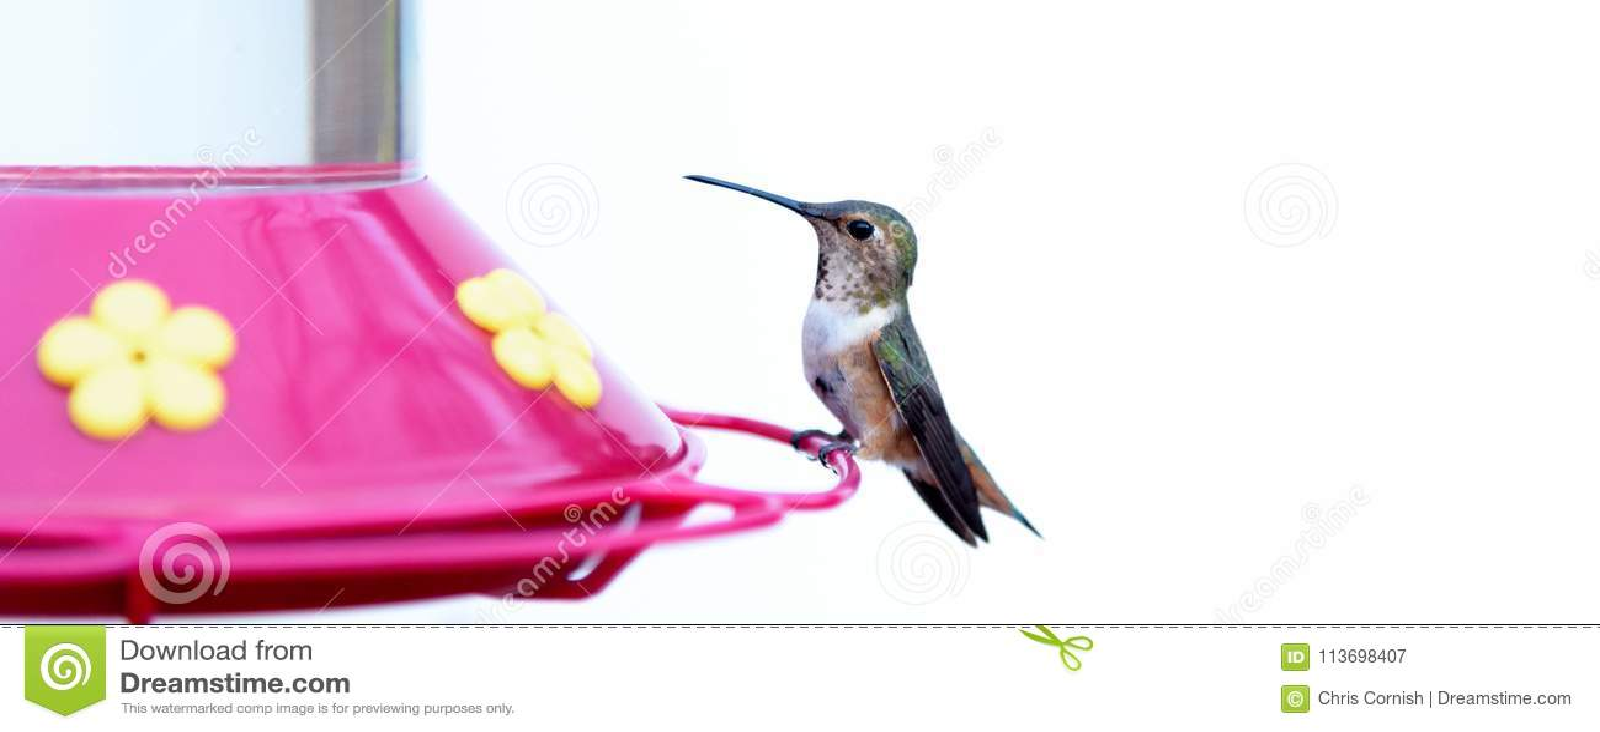 Oiseau de ronflement